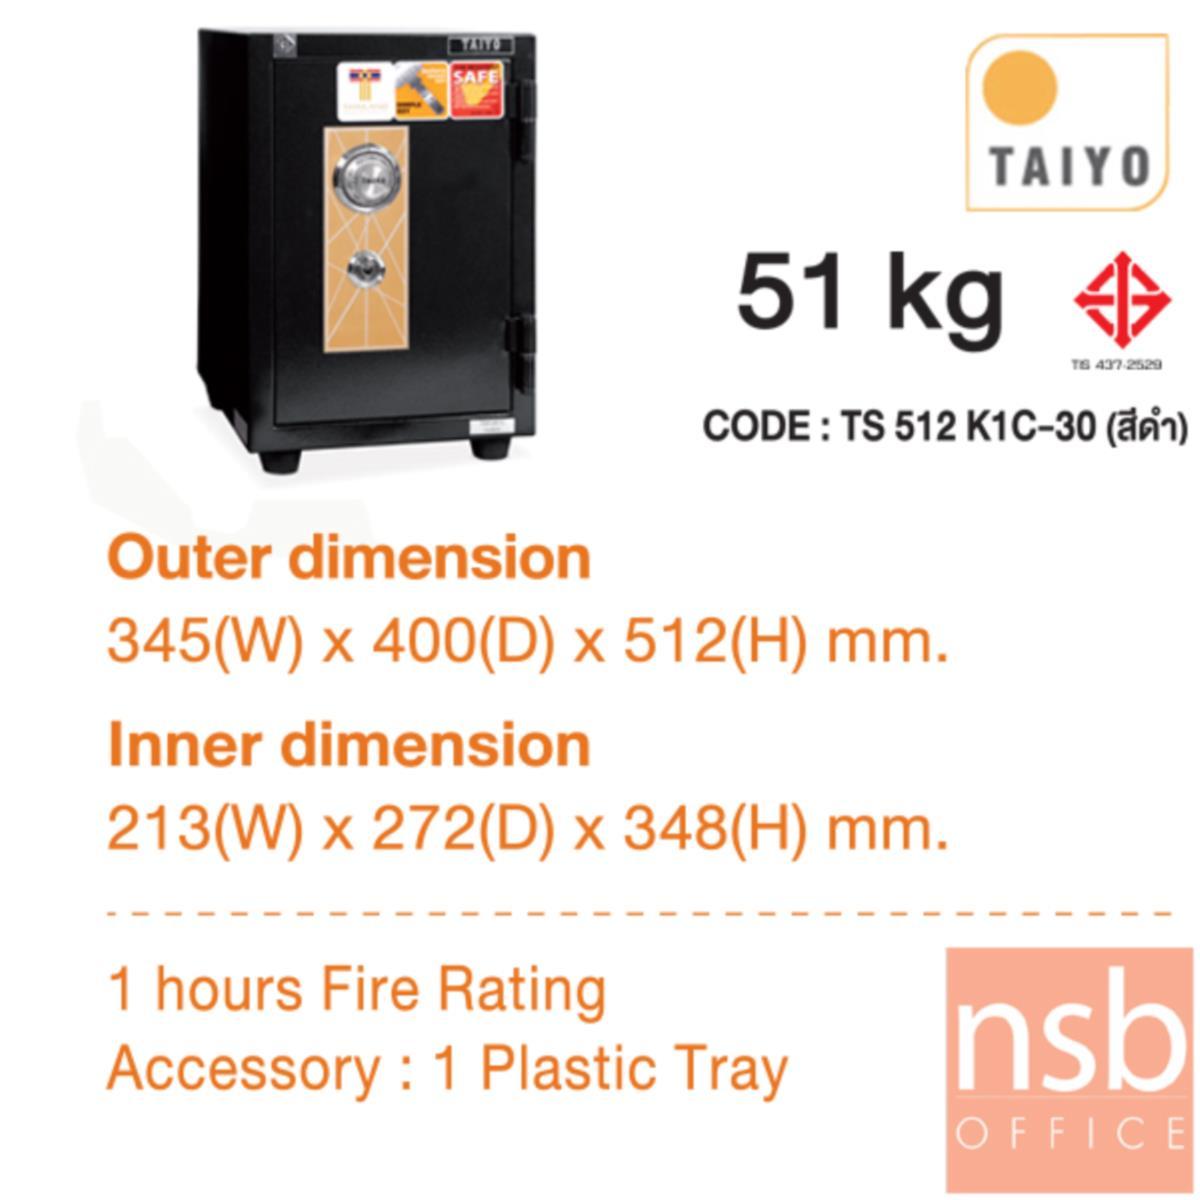 ตู้เซฟ TAIYO 51 กก. 1 กุญแจ 1 รหัส (TS 512 K1C-30) สีดำ